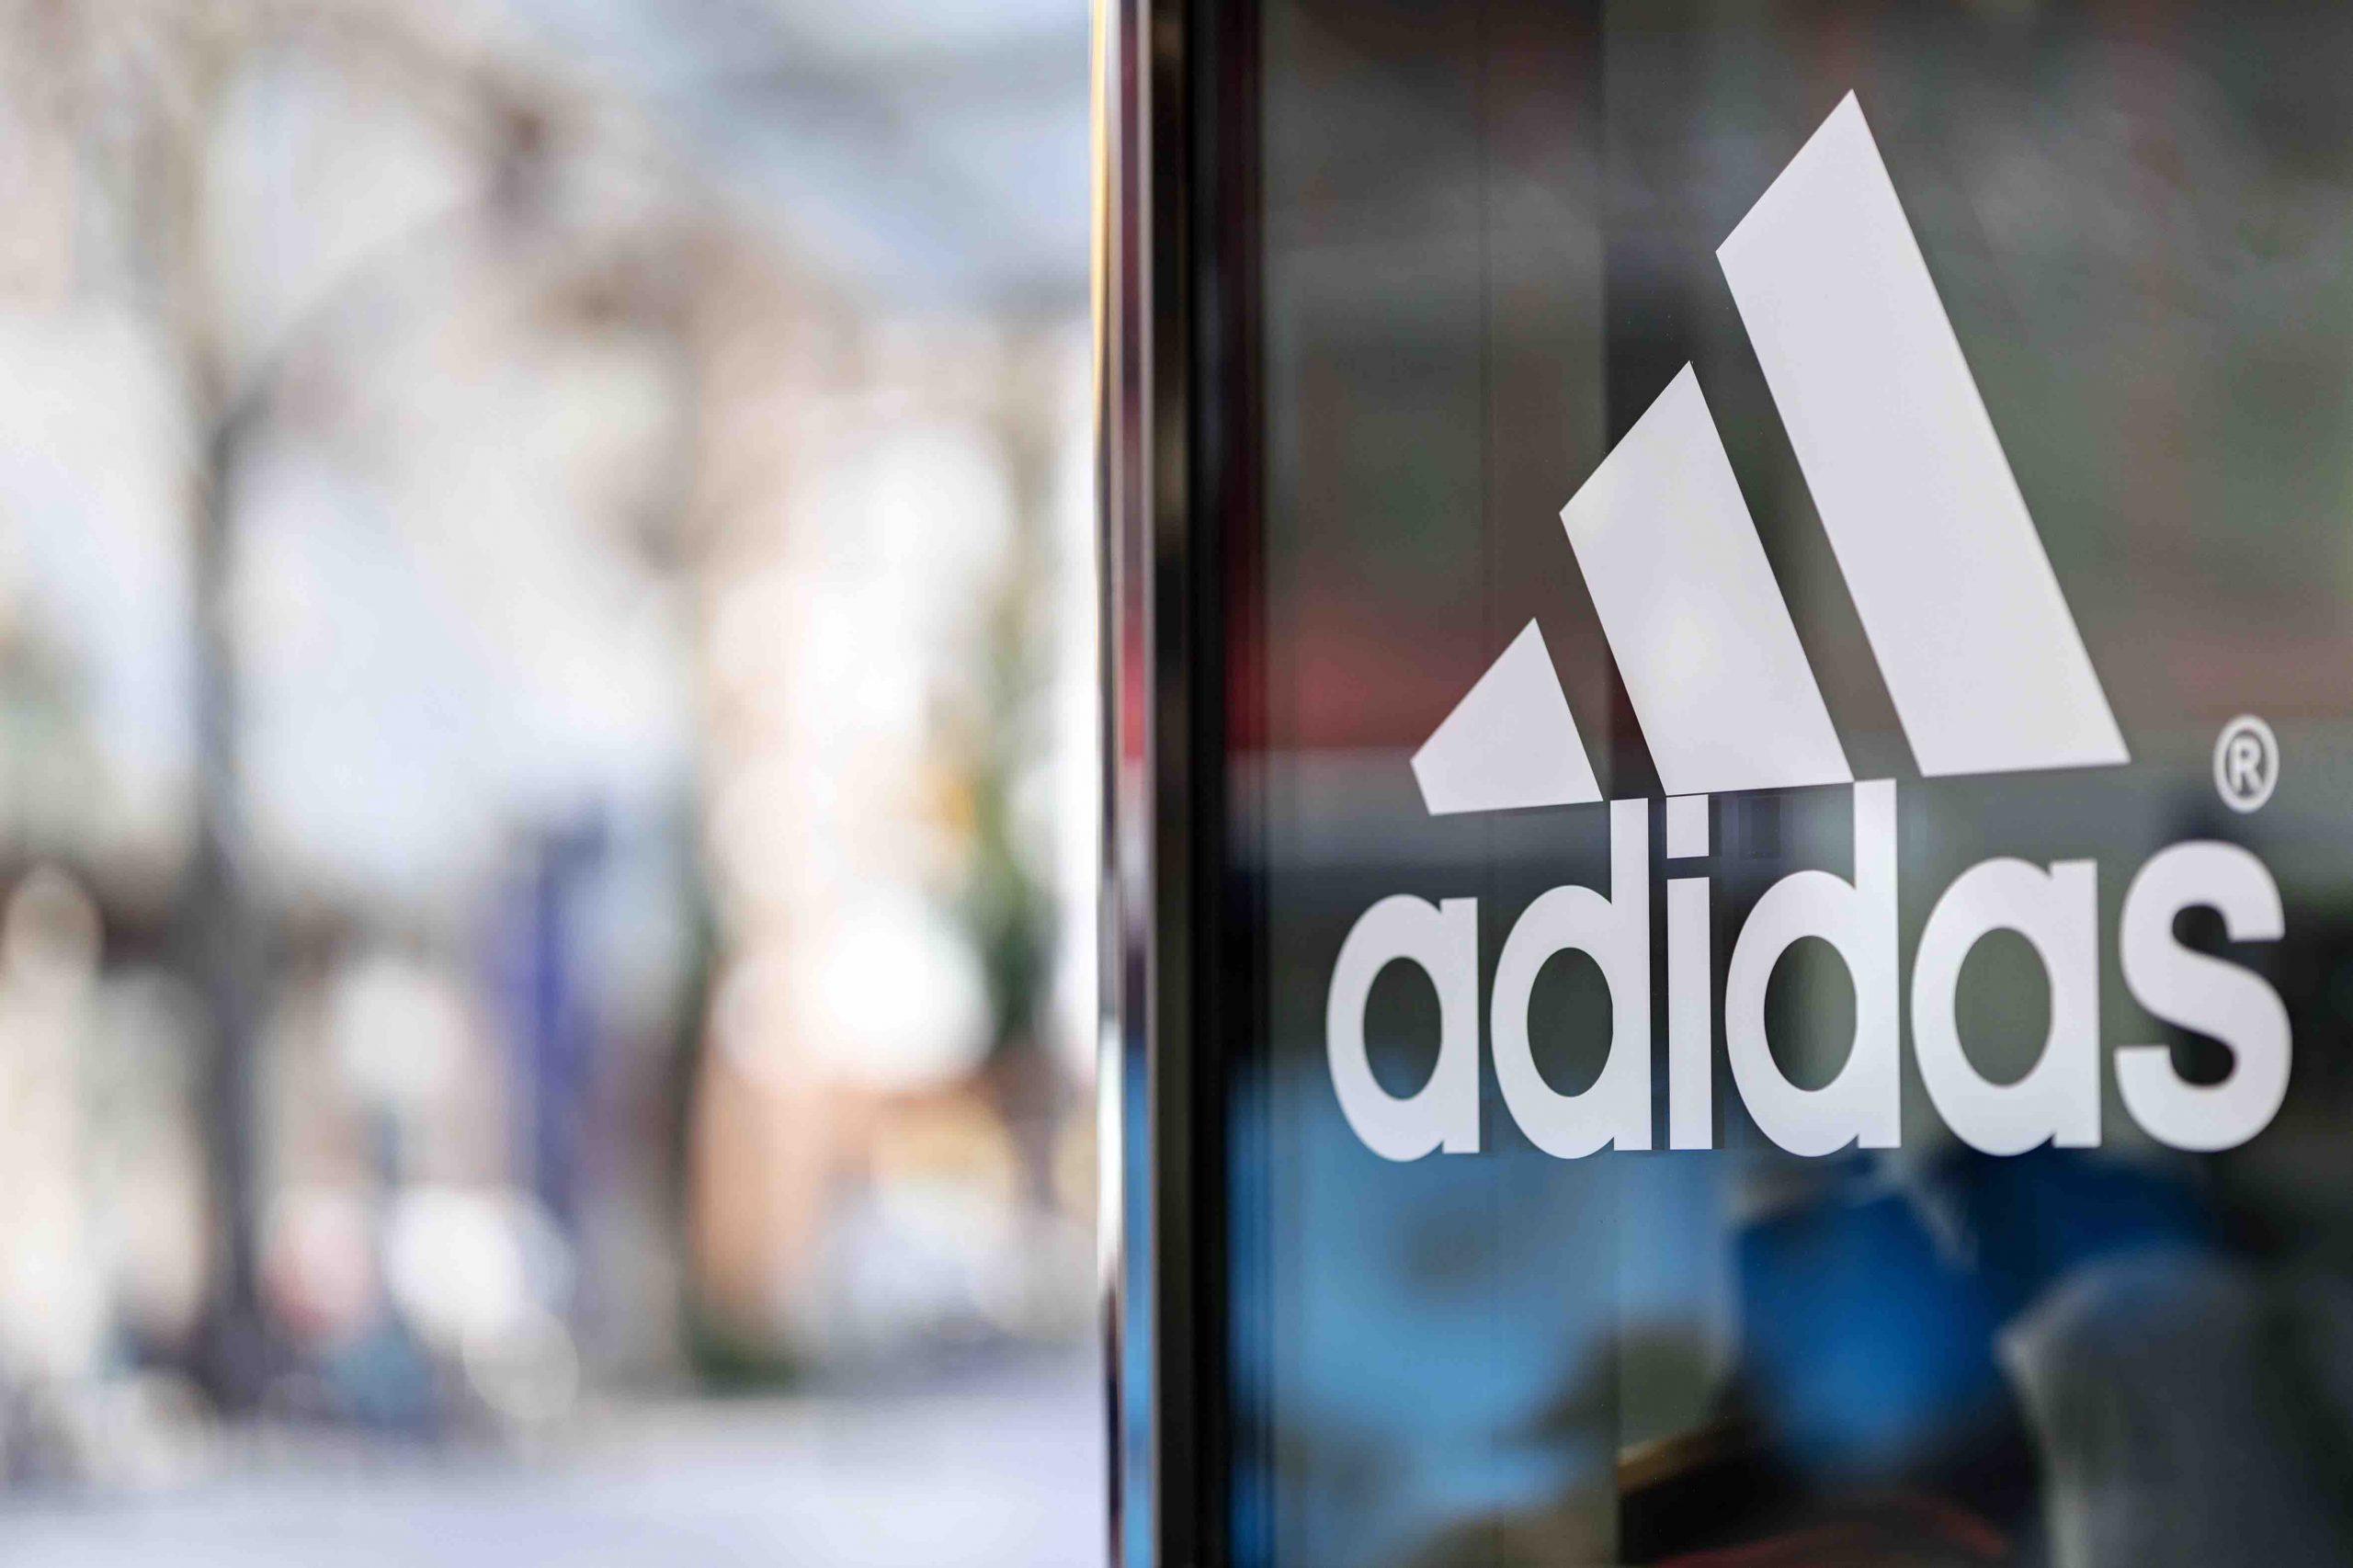 Filiale des Konzerns Adidas in Köln Foto: picture alliance/Geisler-Fotopress